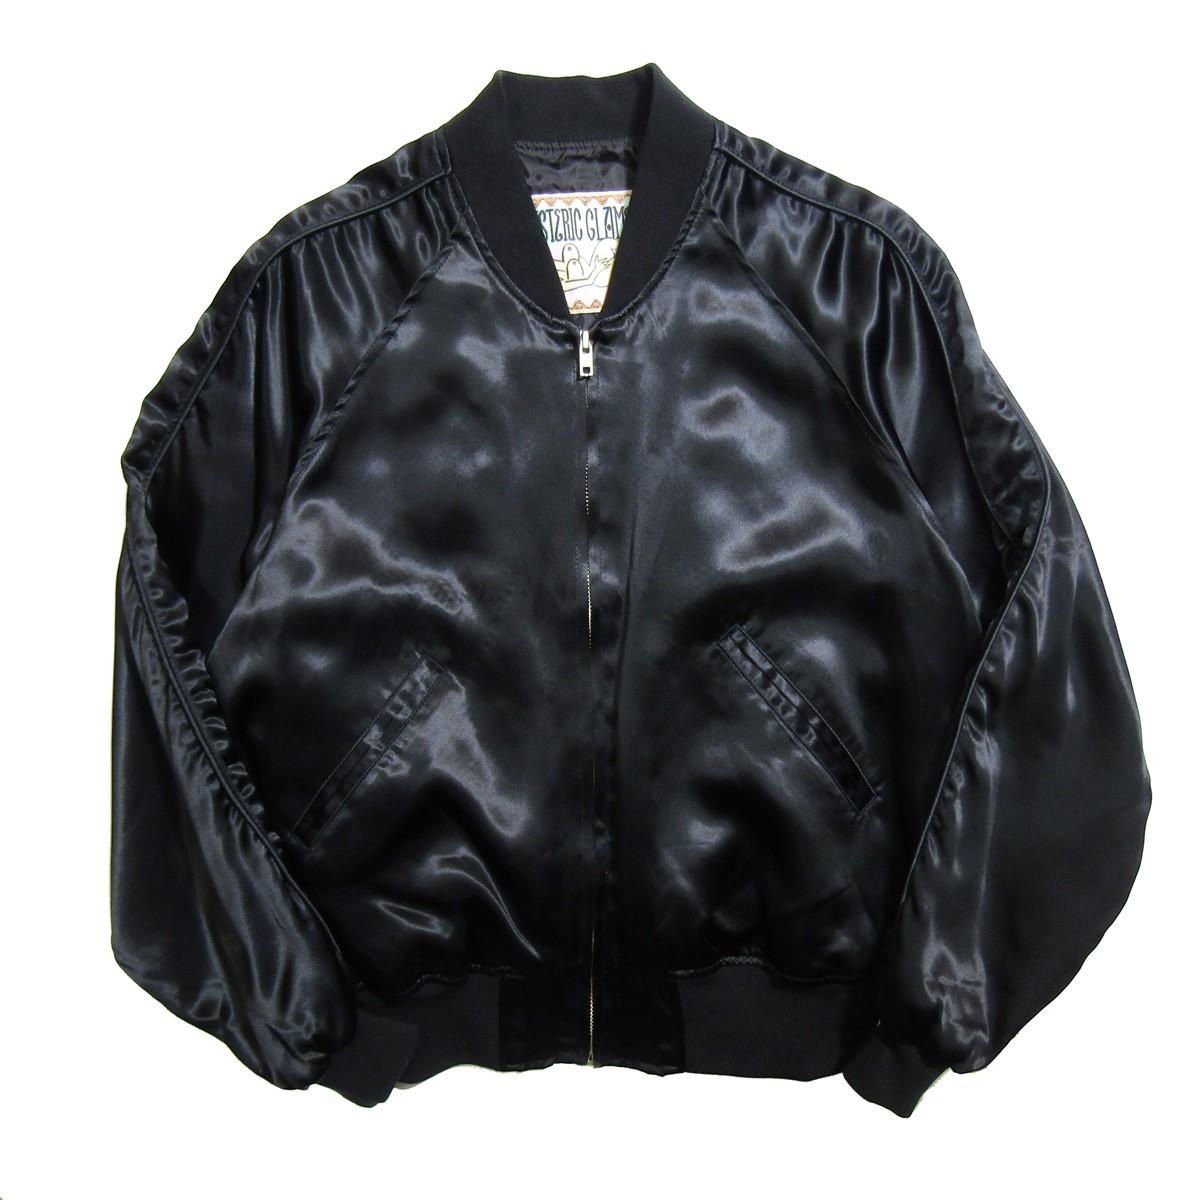 【中古】HYSTERIC GLAMOUR 2019AW MISS HYSTERIC刺繍スカジャン ブラック サイズ:S 【150420】(ヒステリックグラマー)